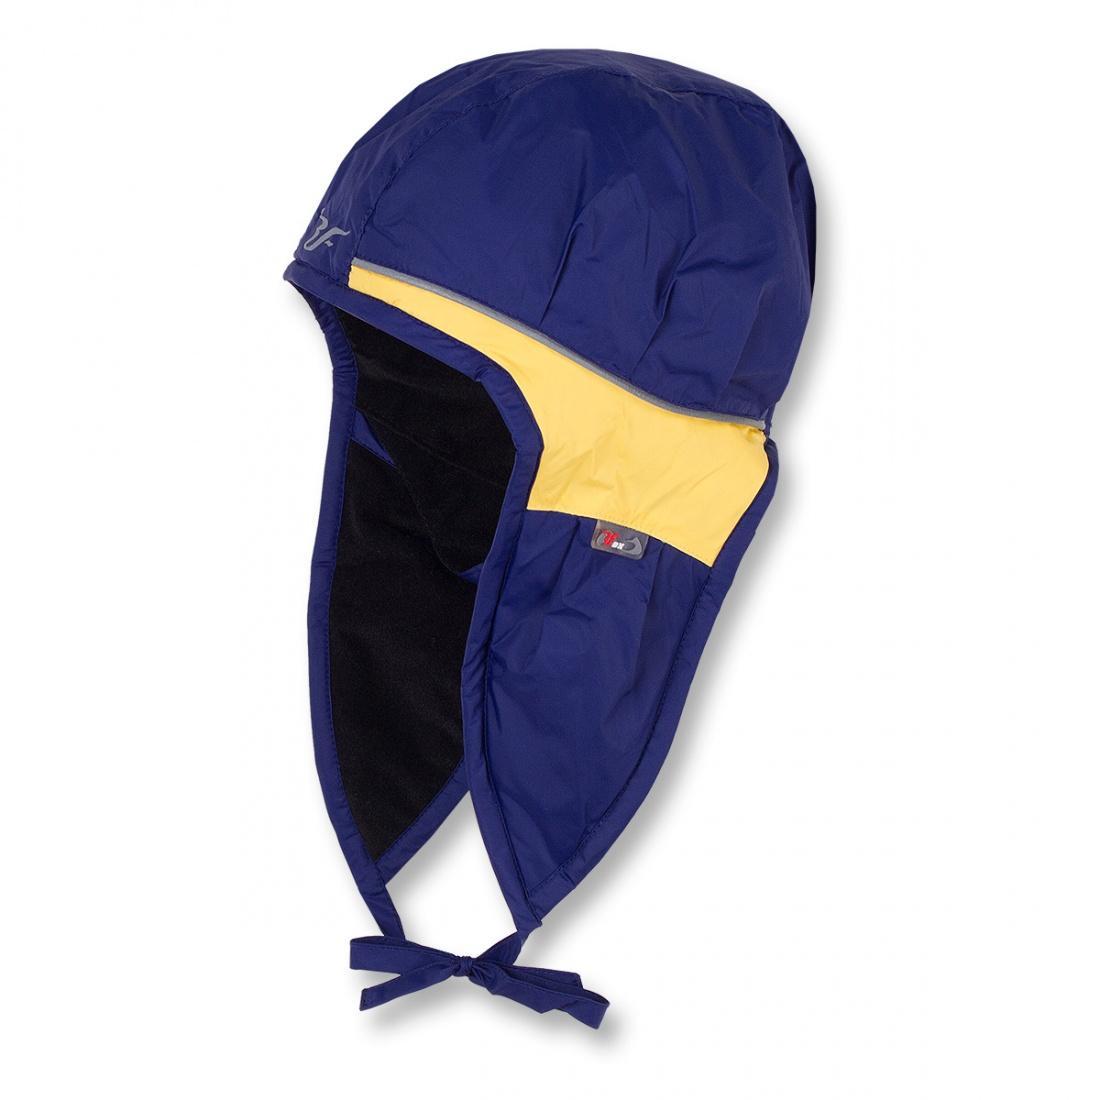 Шапка детская TressУшанки<br><br> Яркая контрастная шапочка прекрасно выделяет ребенка из толпы.<br><br> <br><br><br><br> Основной материал – Dry Factor 1000.<br><br> <br><br><br> Утеп...<br><br>Цвет: Синий<br>Размер: XXL